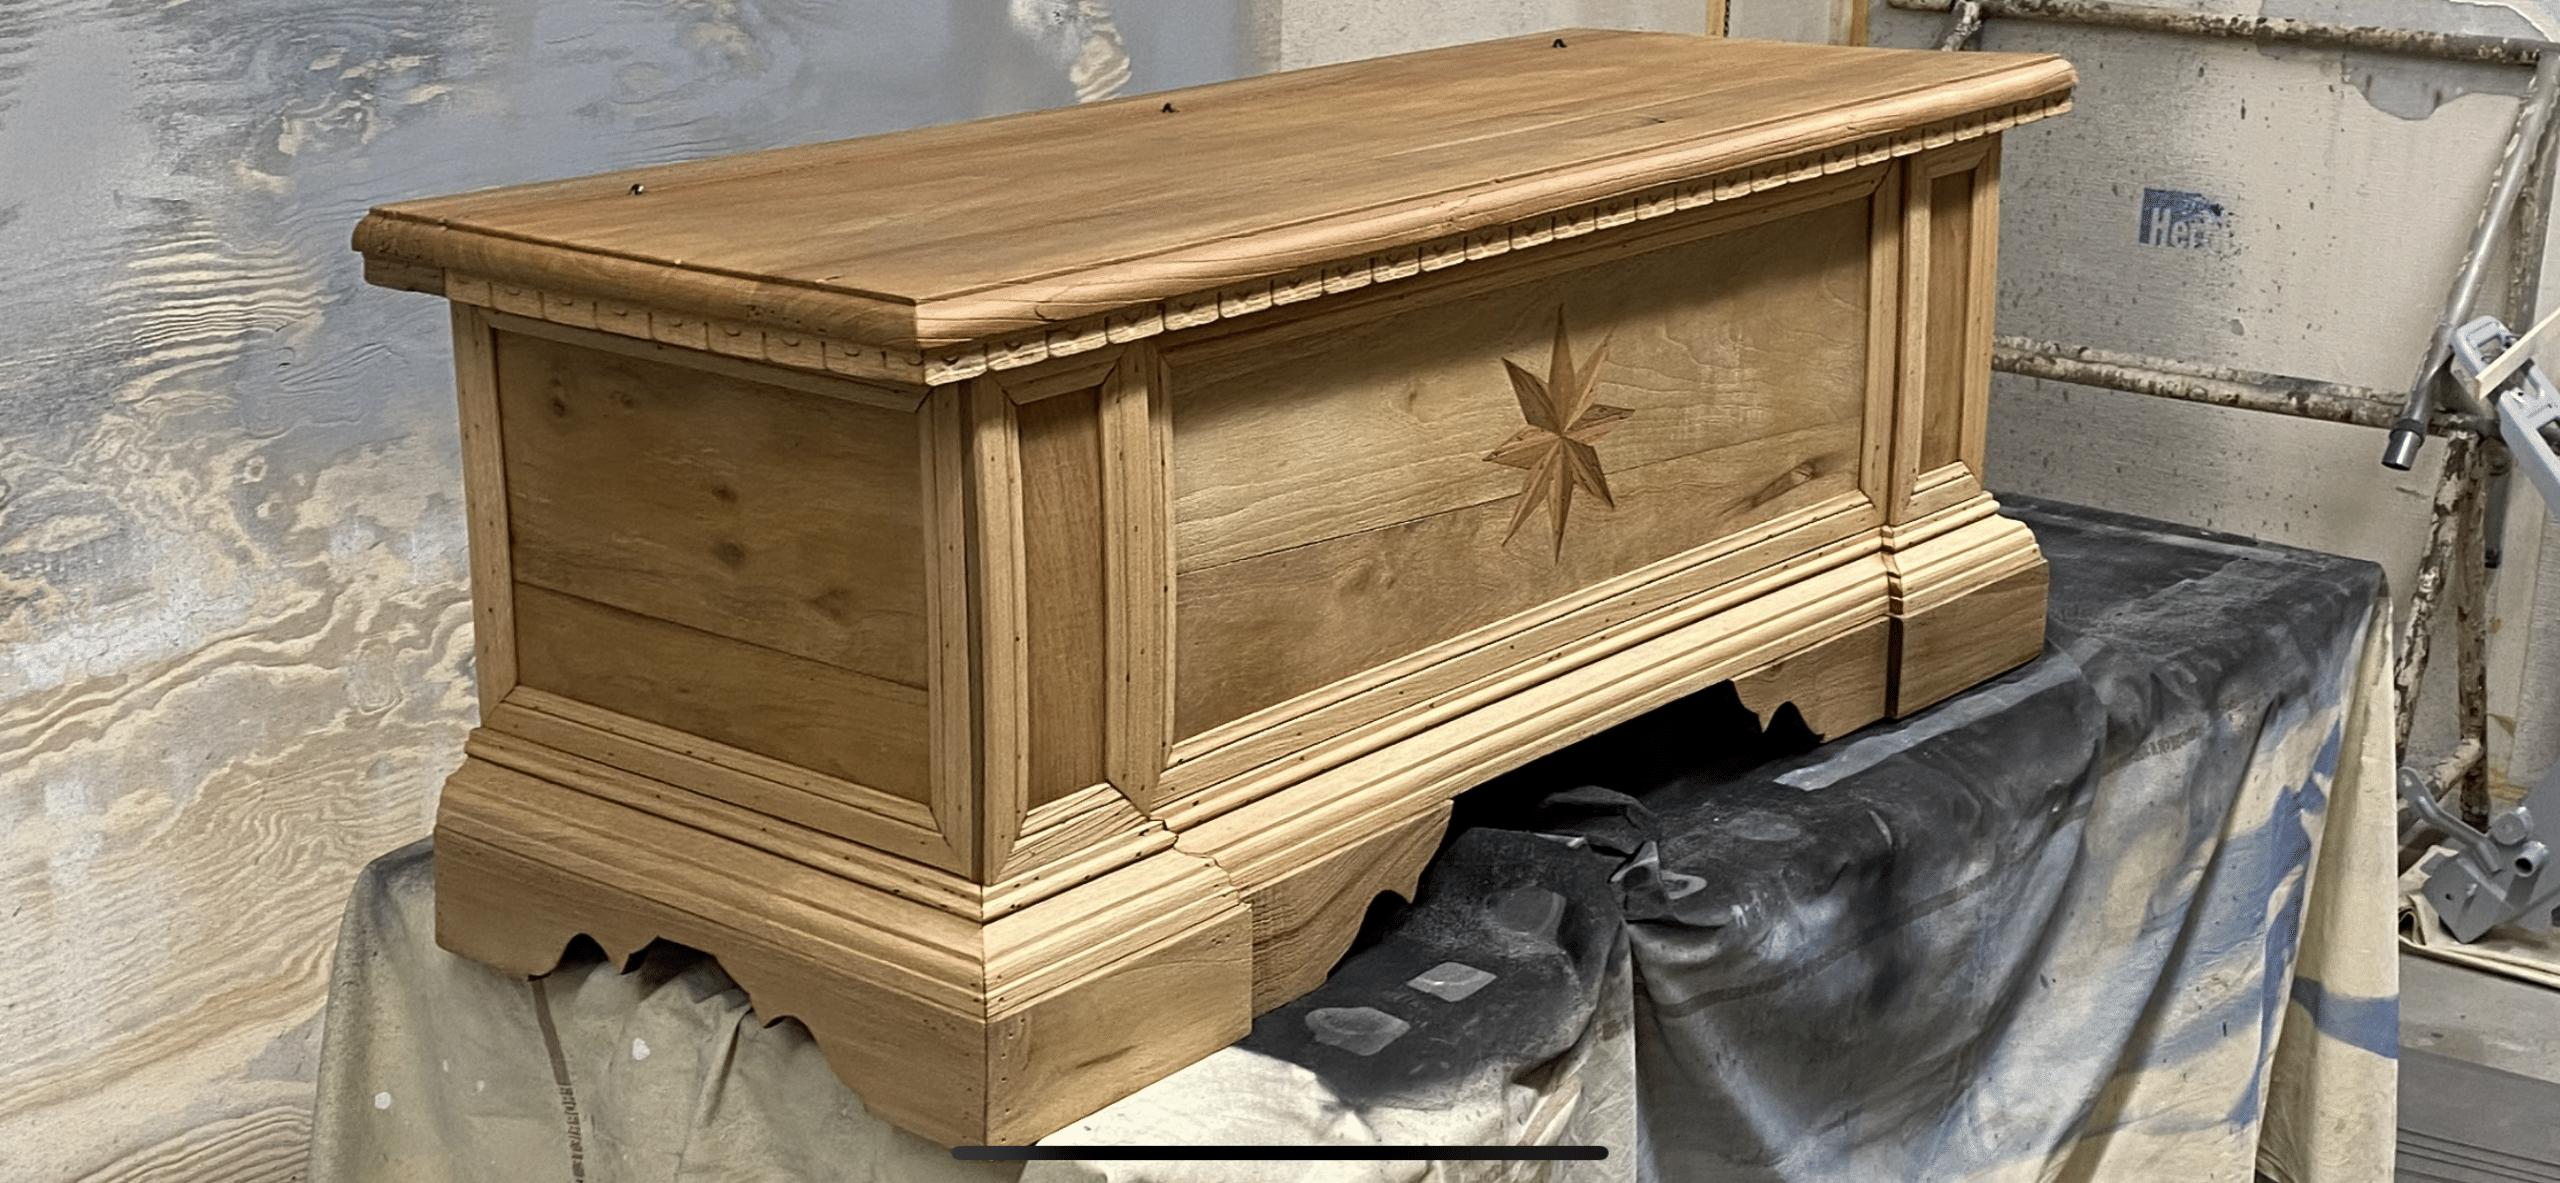 Les détails du décor du bois est retrouvé et protégé